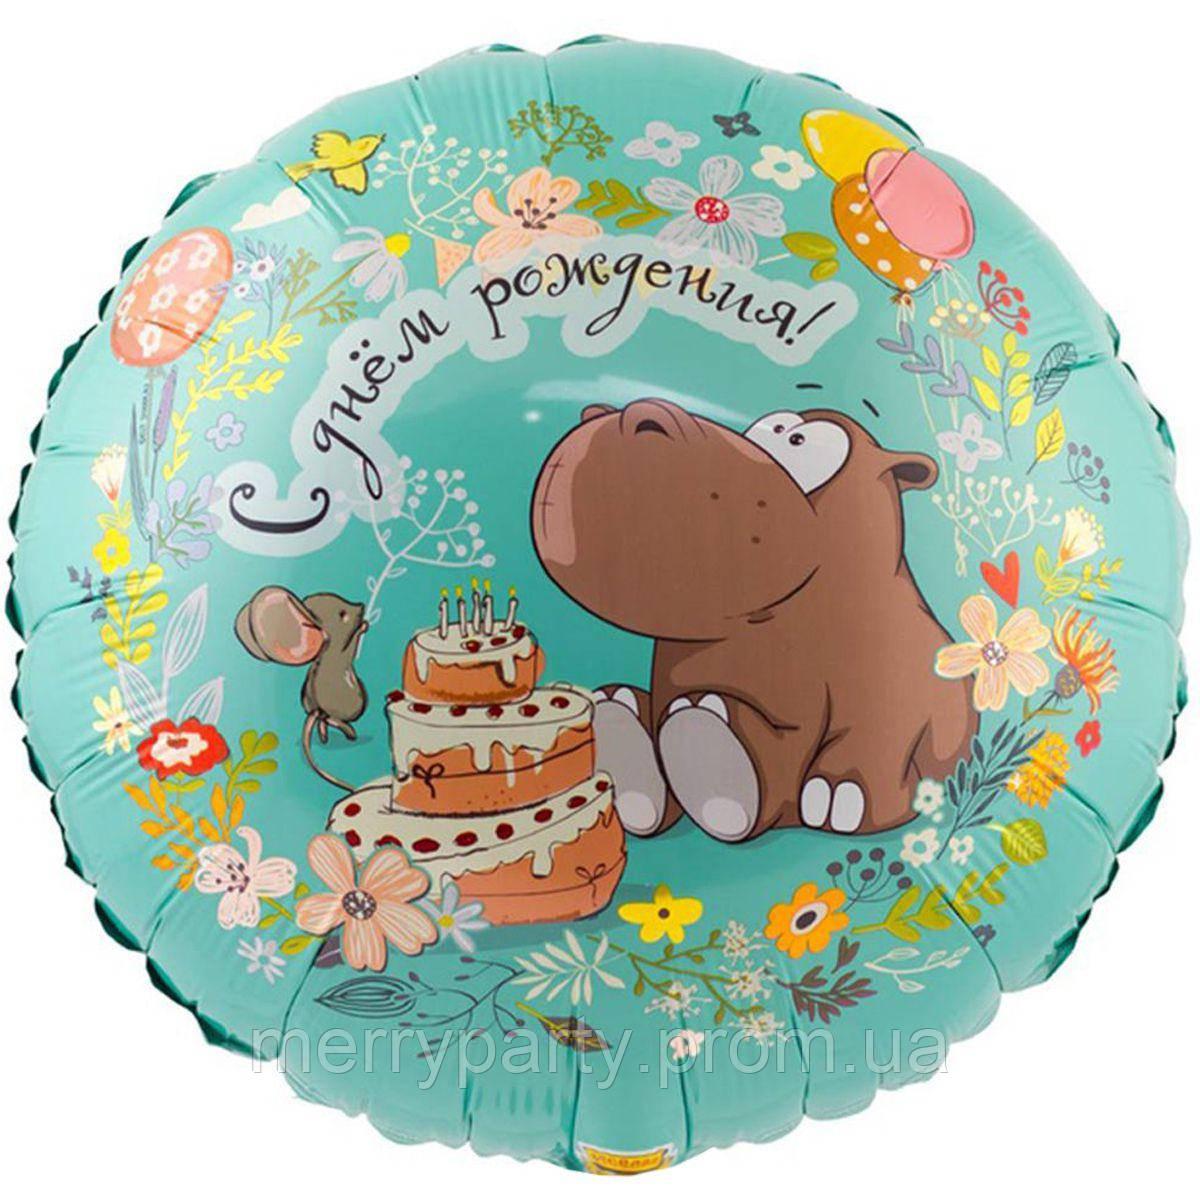 """З Днем народження! бегемот з тортом 18"""" (45 см) коло м'ята Китай куля фольгований"""